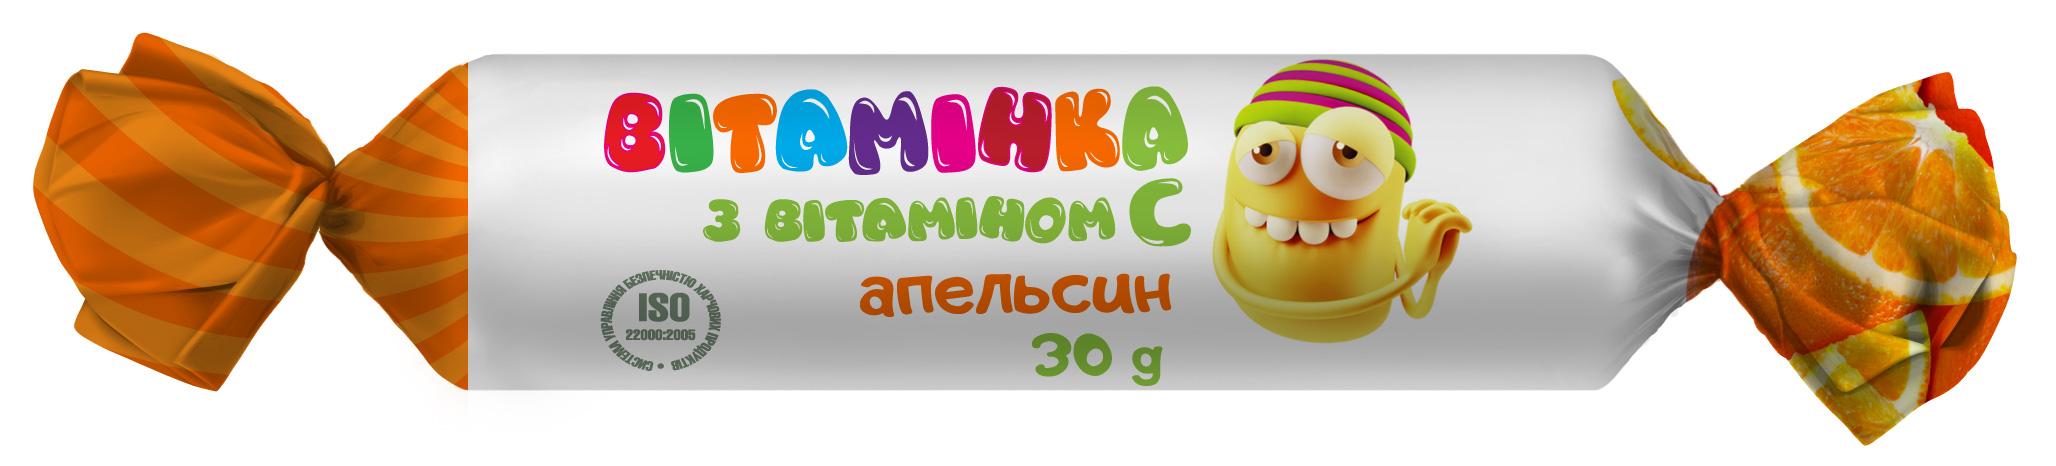 Витаминка апельсин